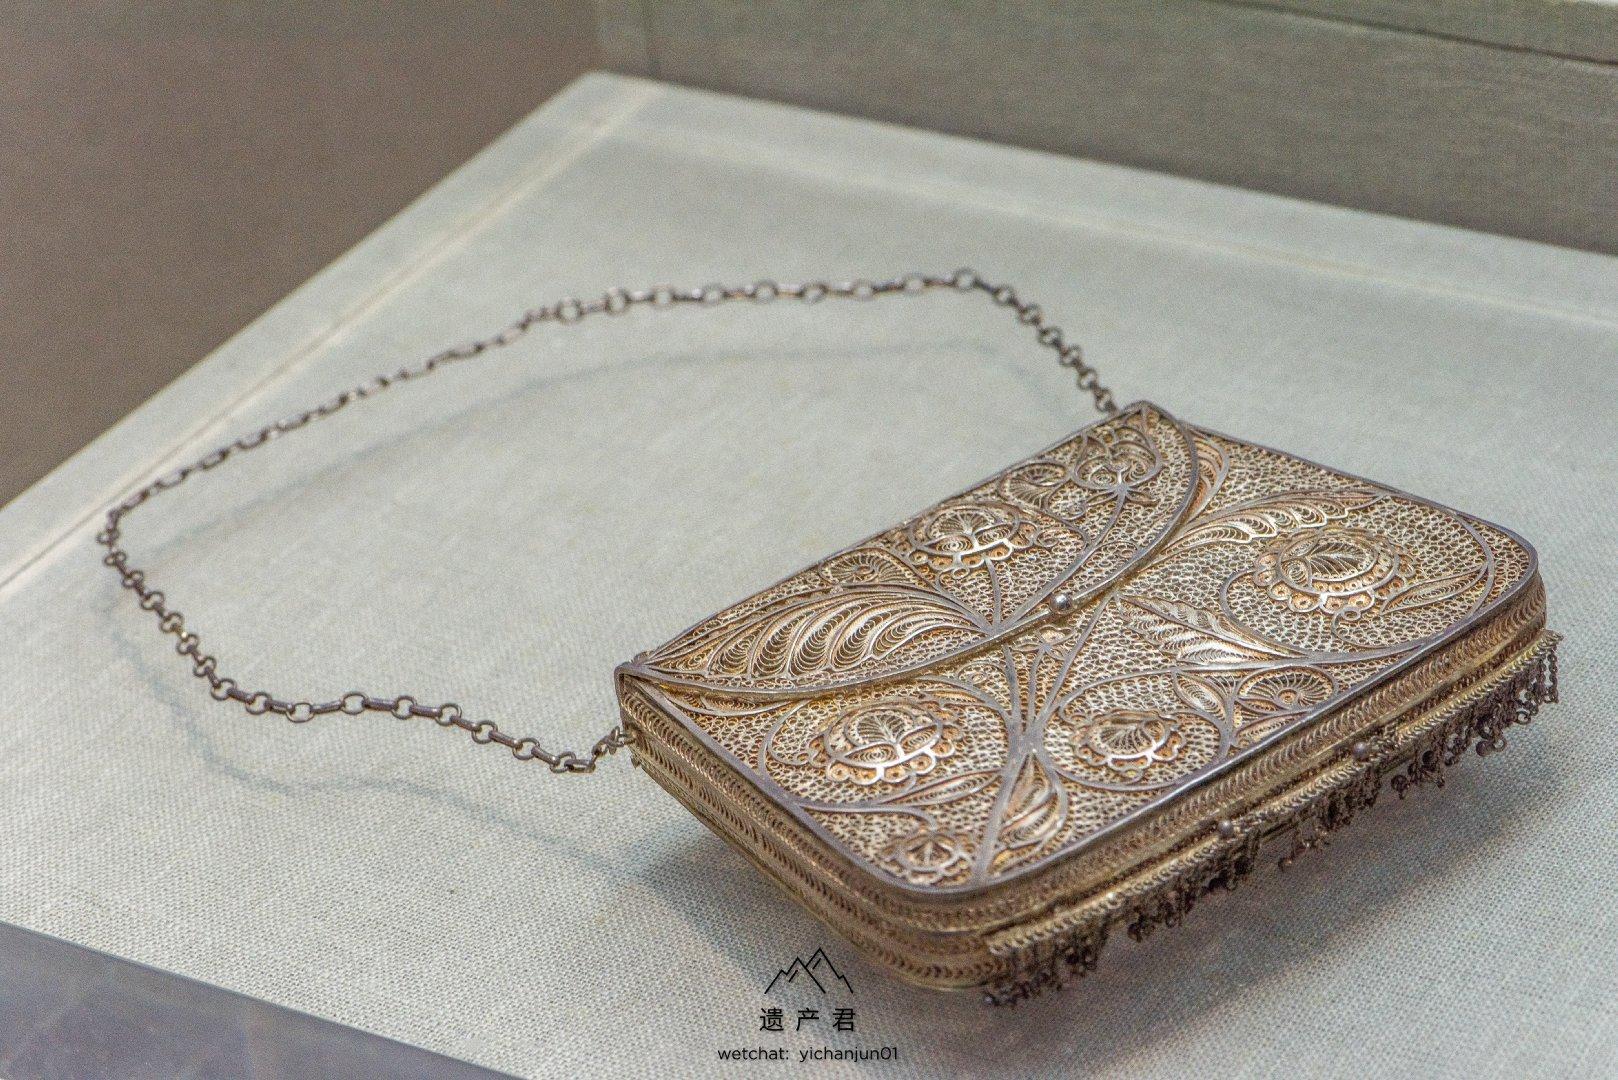 东莞市博物馆藏· 清代银累丝花卉纹小包